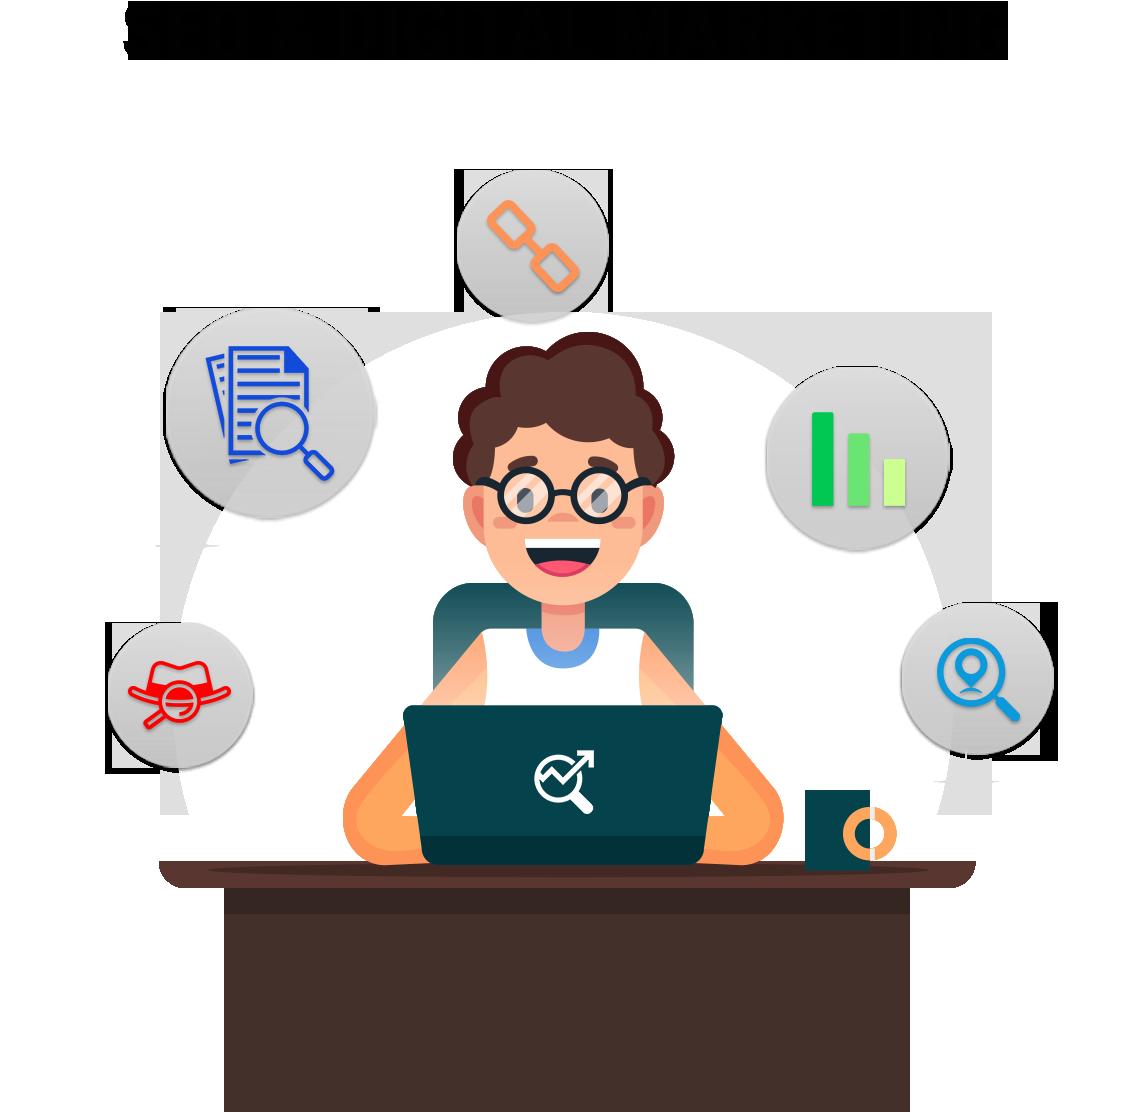 hire_developer